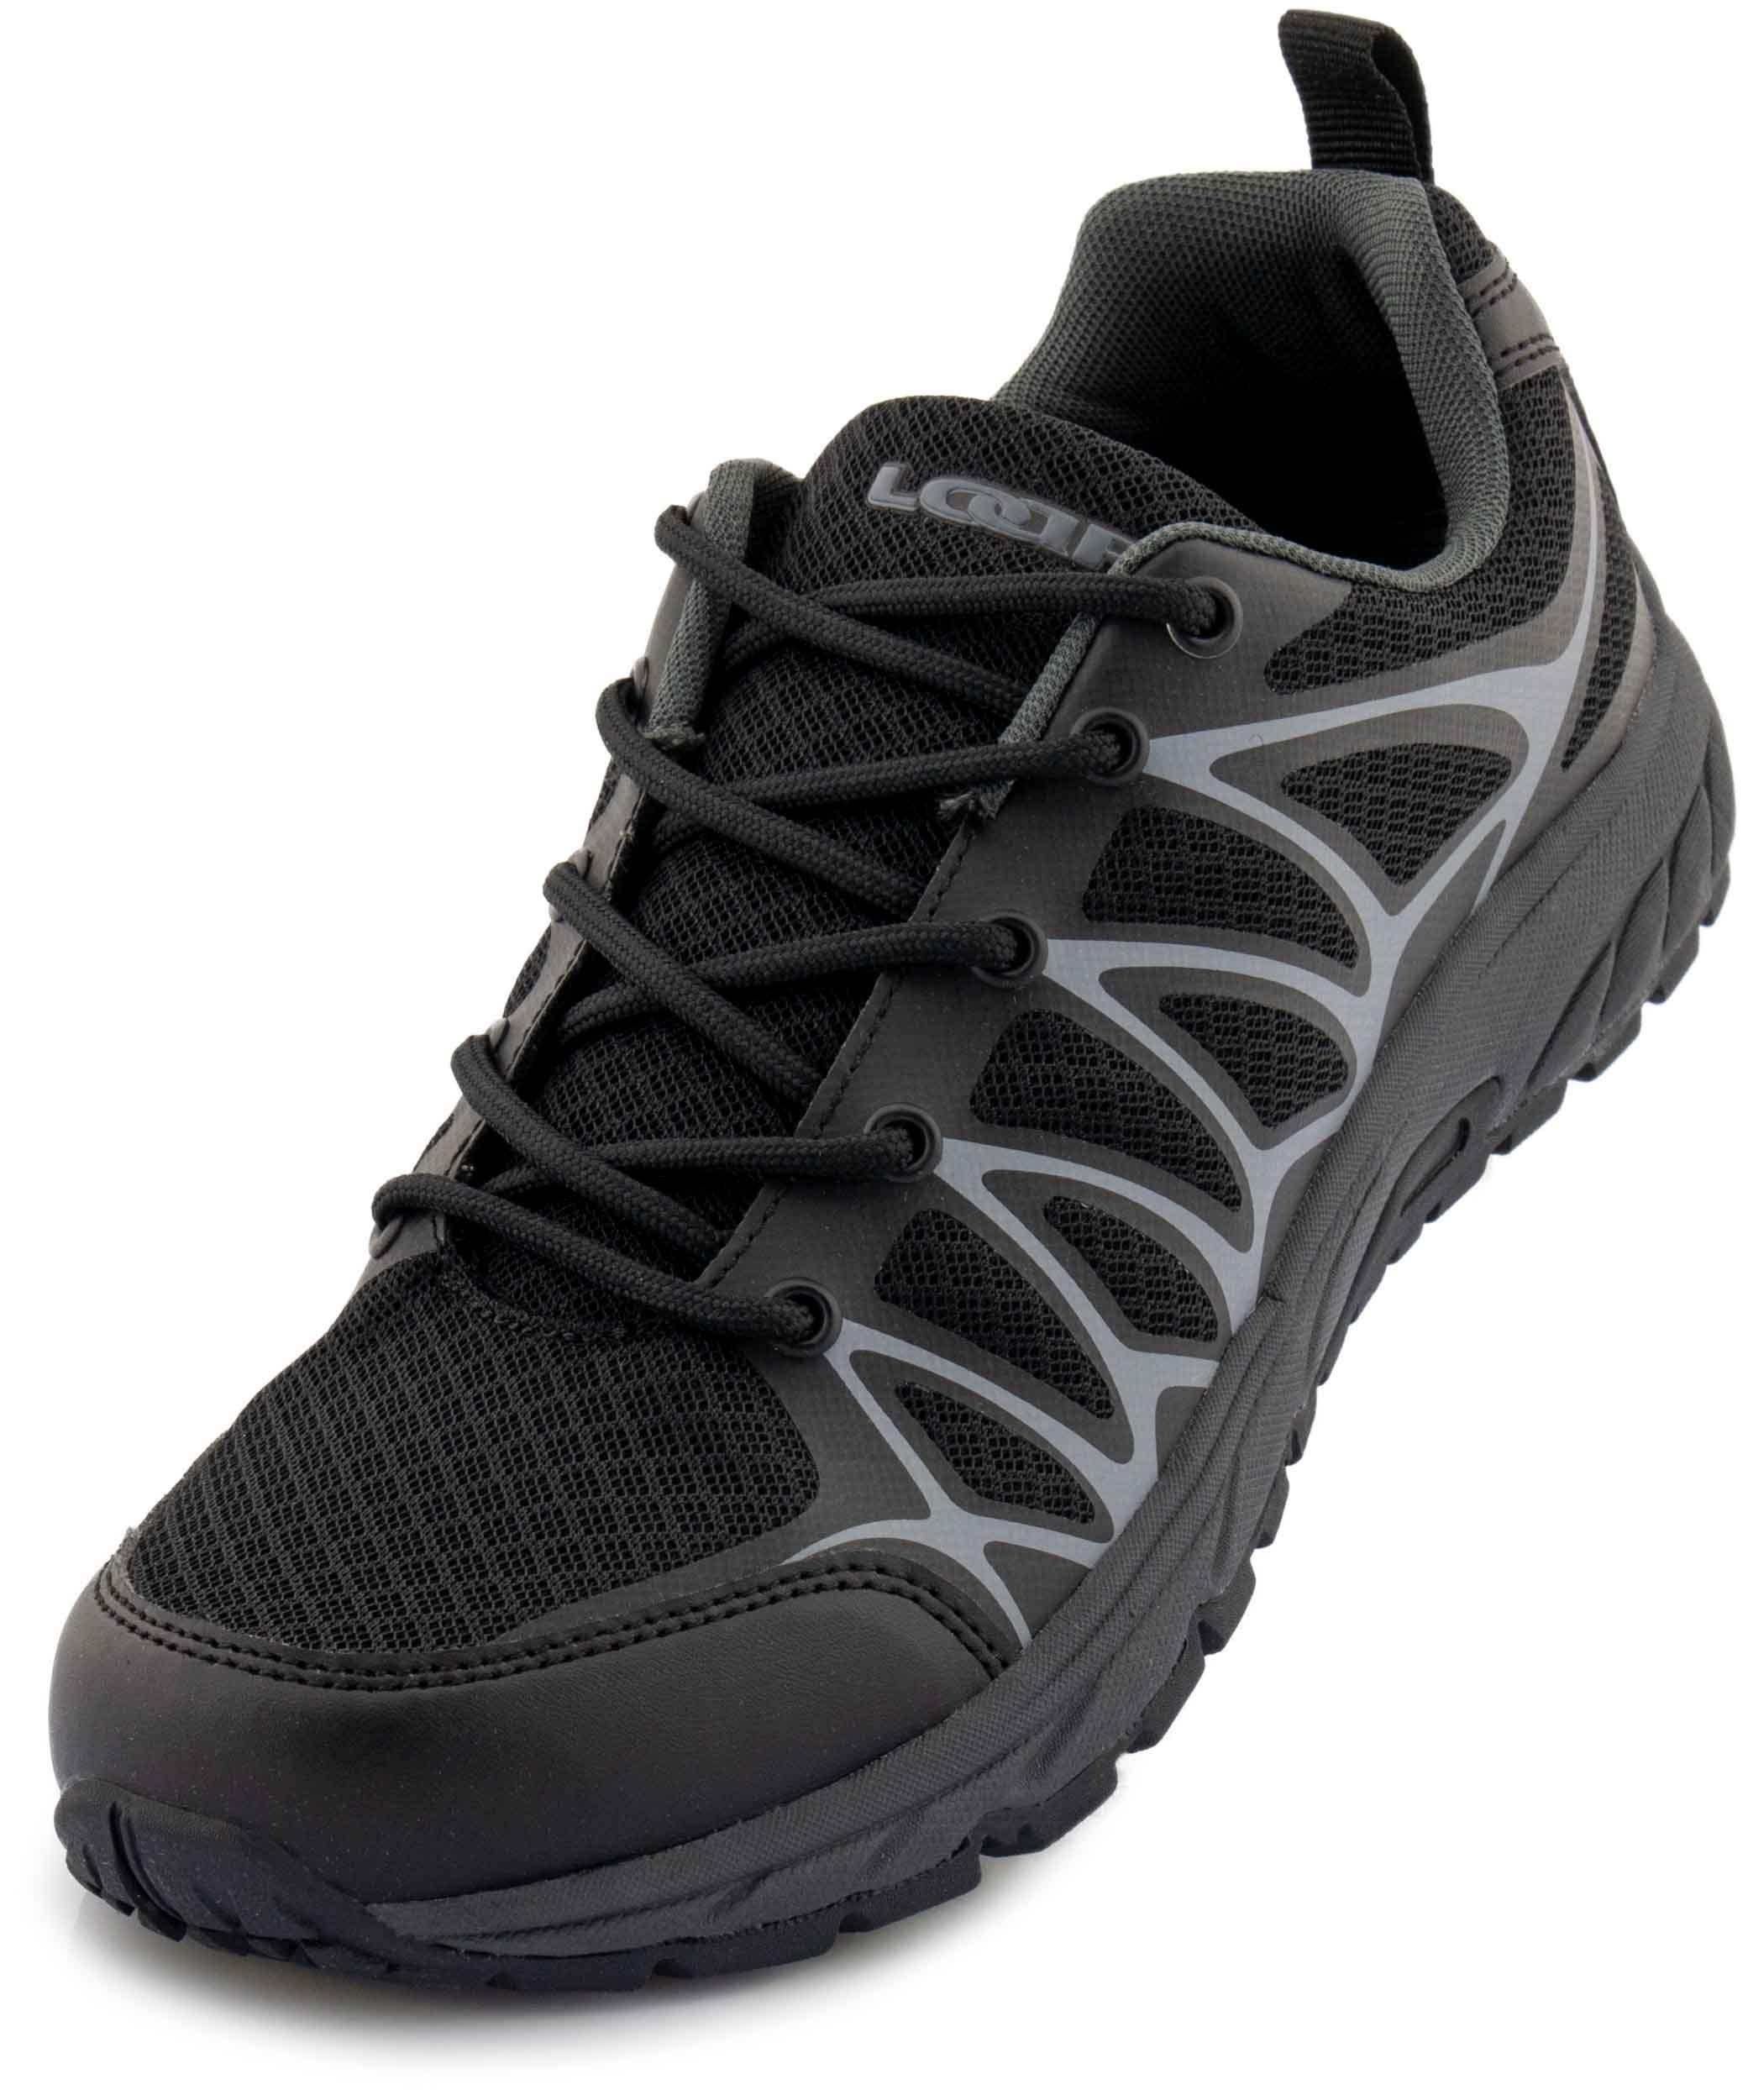 Pánská outdoorová obuv Loap Birken